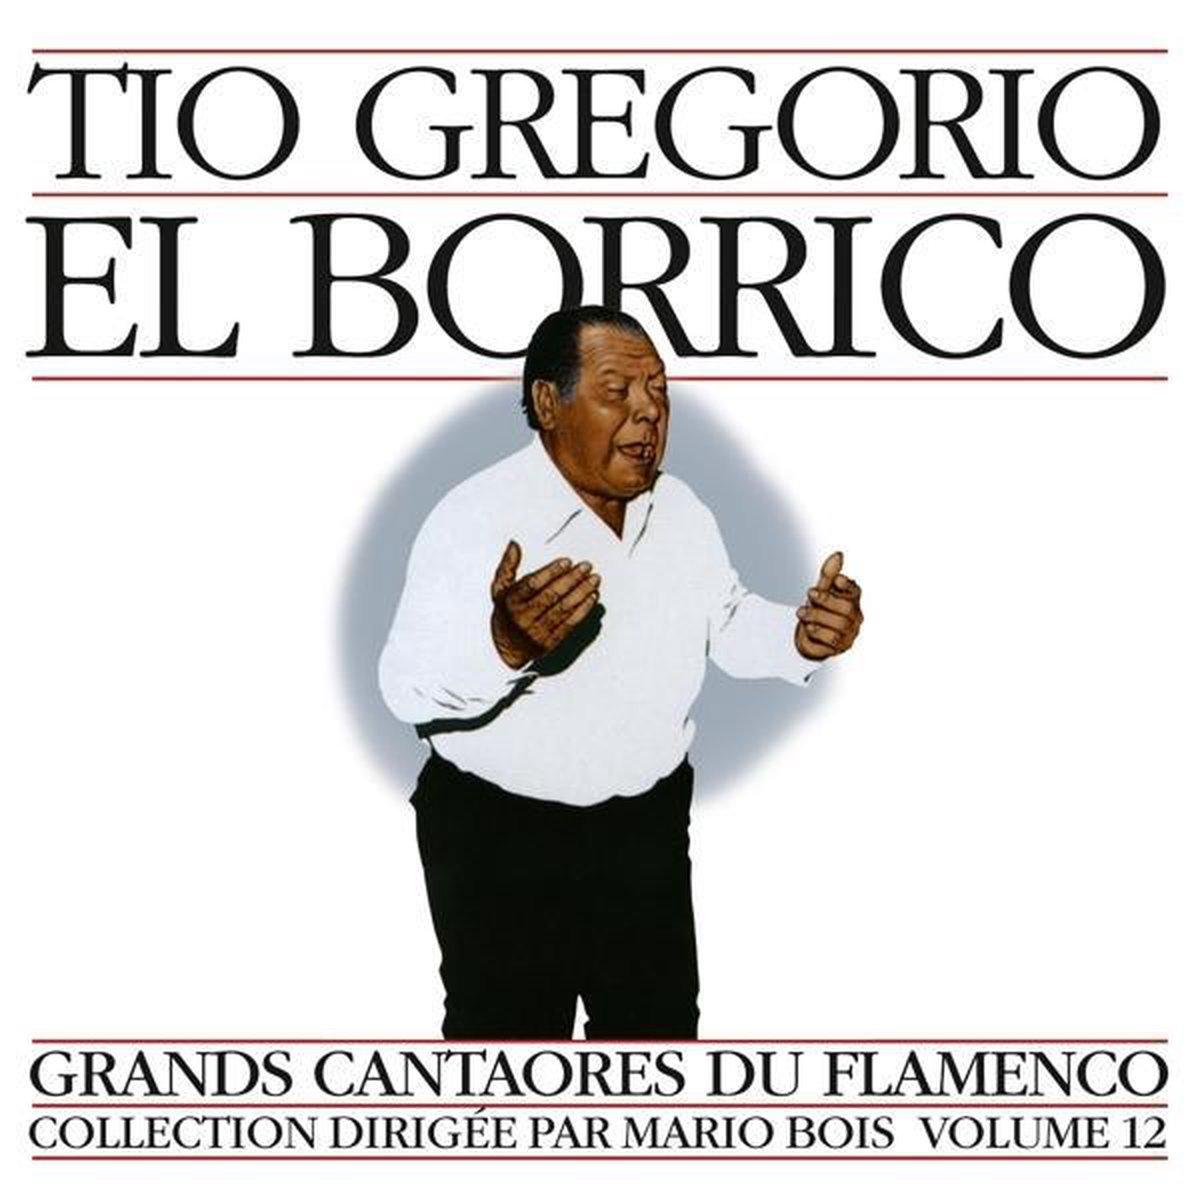 Tio Gregorio El Borrico: Grands Cantaores Du Flamenco Vol. 12 - El Borrico